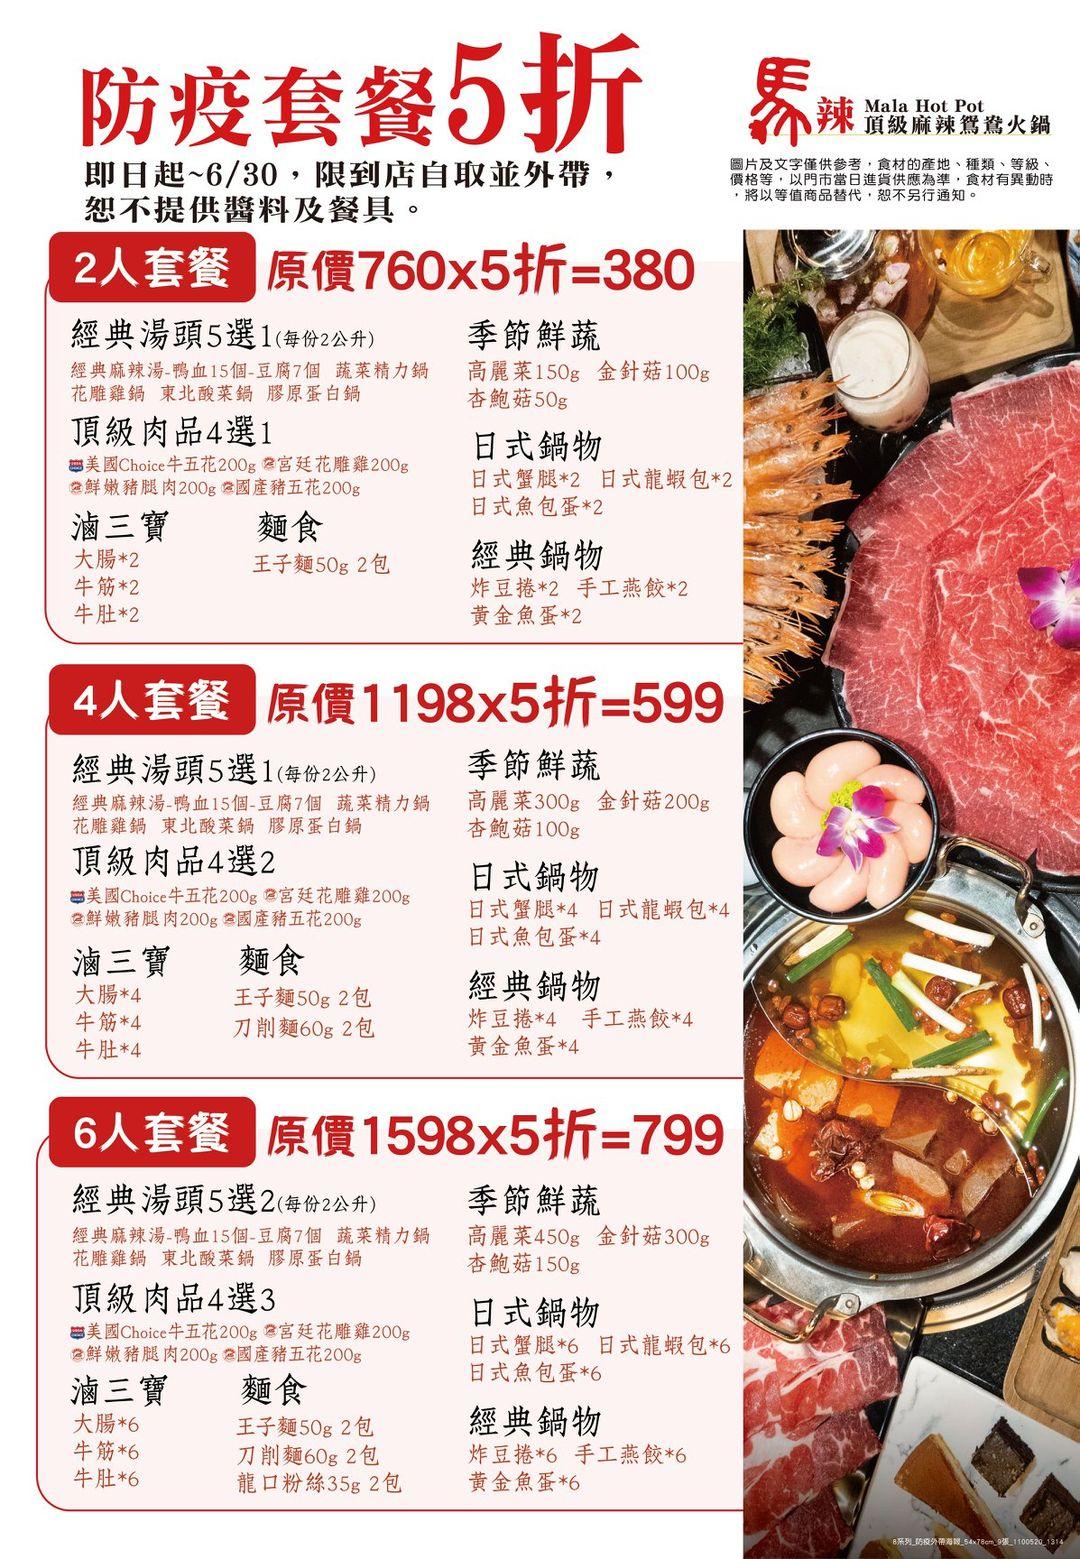 台北外帶美食 優惠餐廳總整理 防疫期間外帶優惠總整理! 連鎖品牌外帶優惠懶人包 6